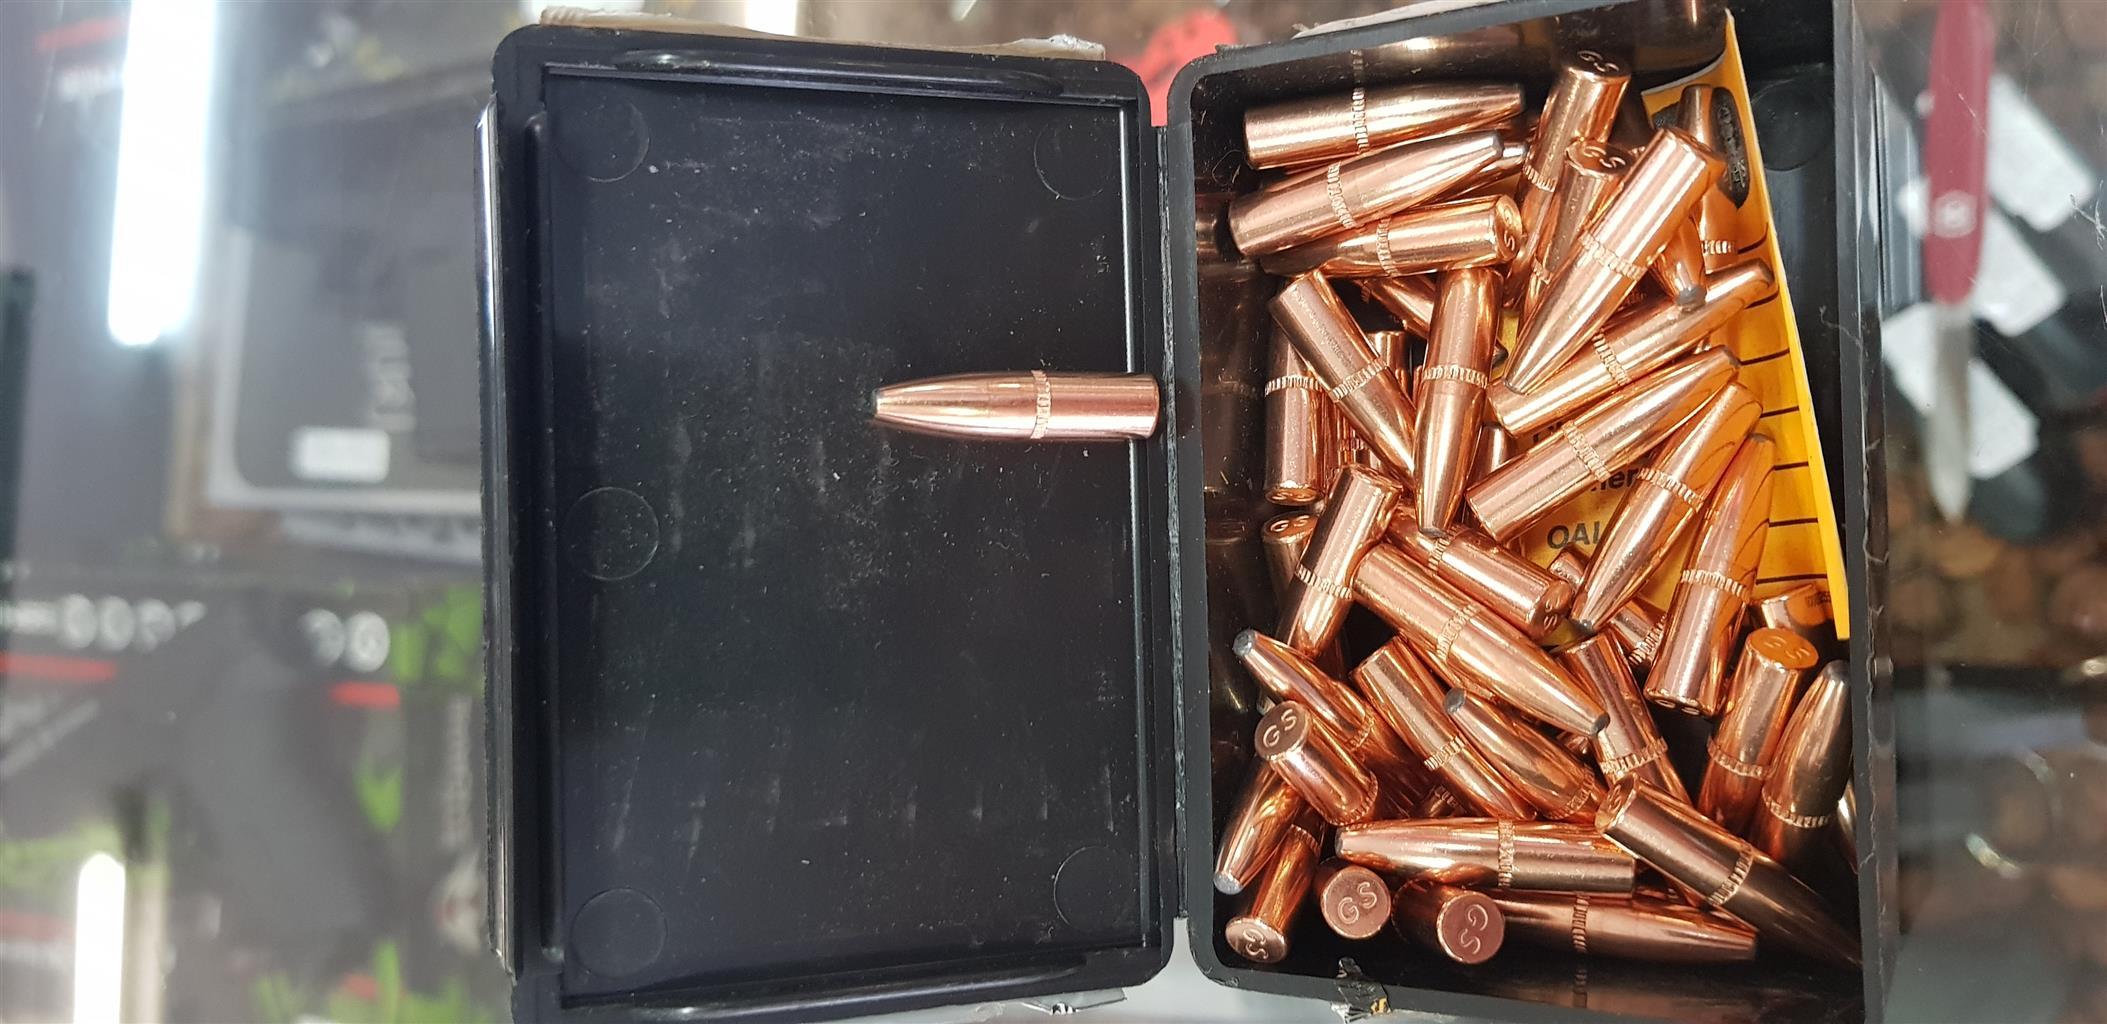 Speer grand slam hunting bullet